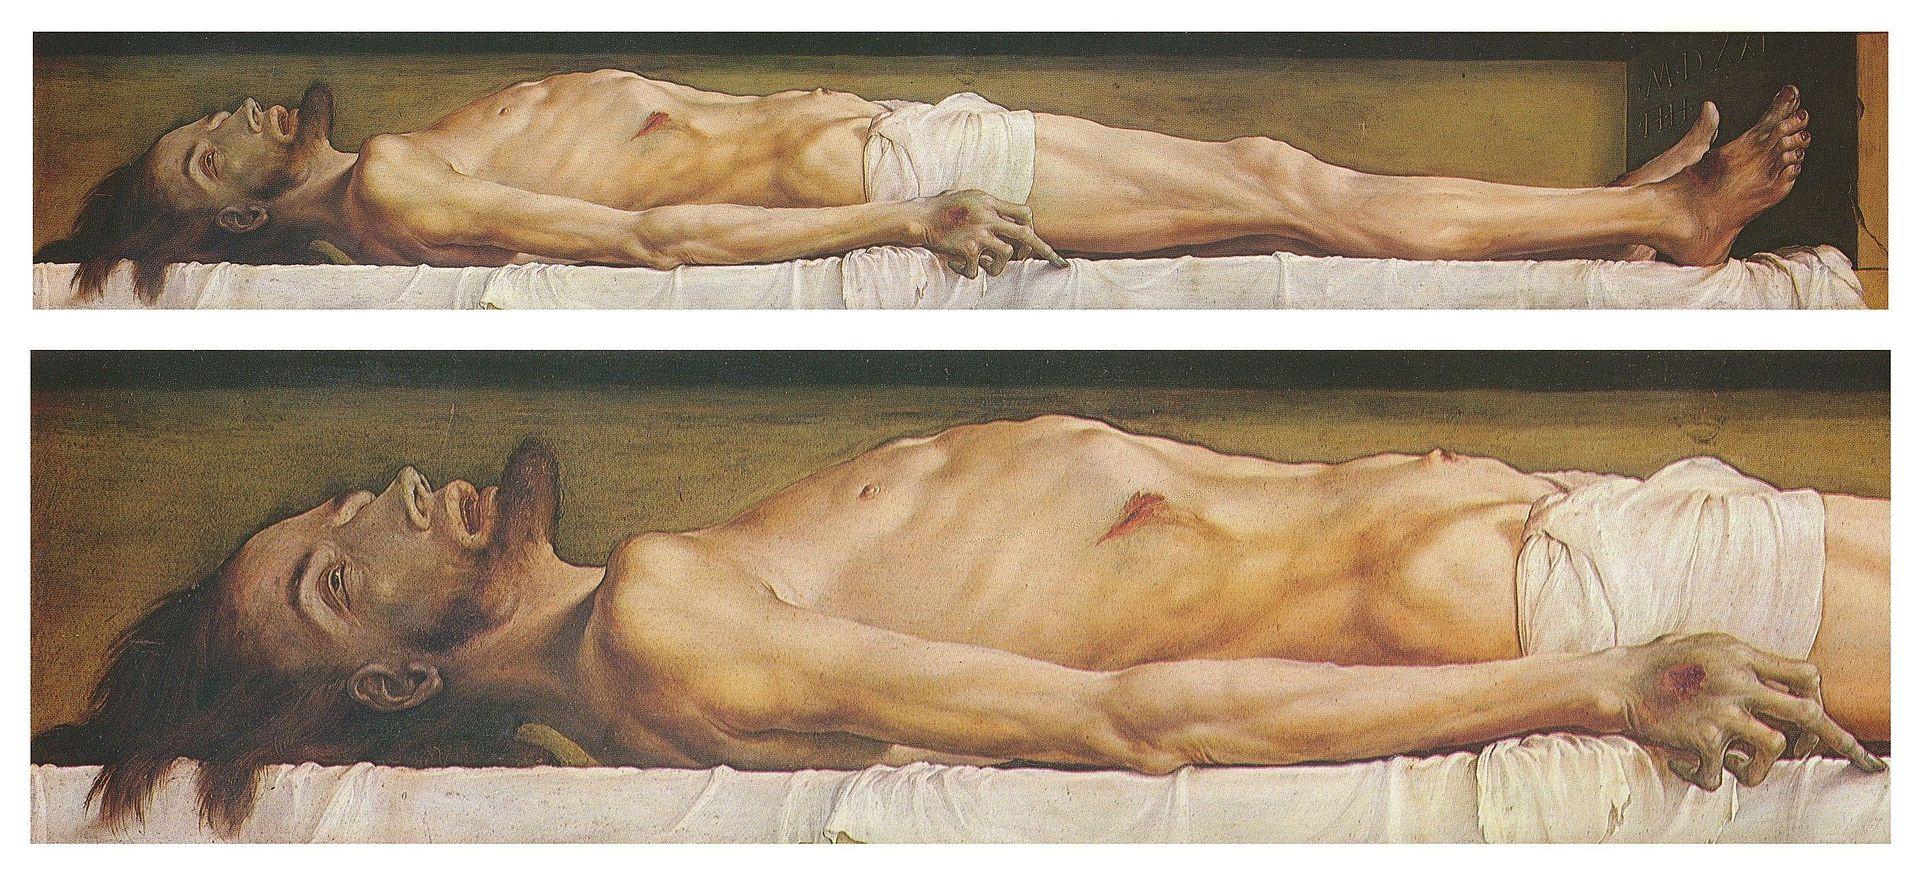 Der Leichnam Christi im Grabe und Detail. Öl und Tempera auf Lindenholz, 30,5 × 200 cm, Kunstmuseum Basel.